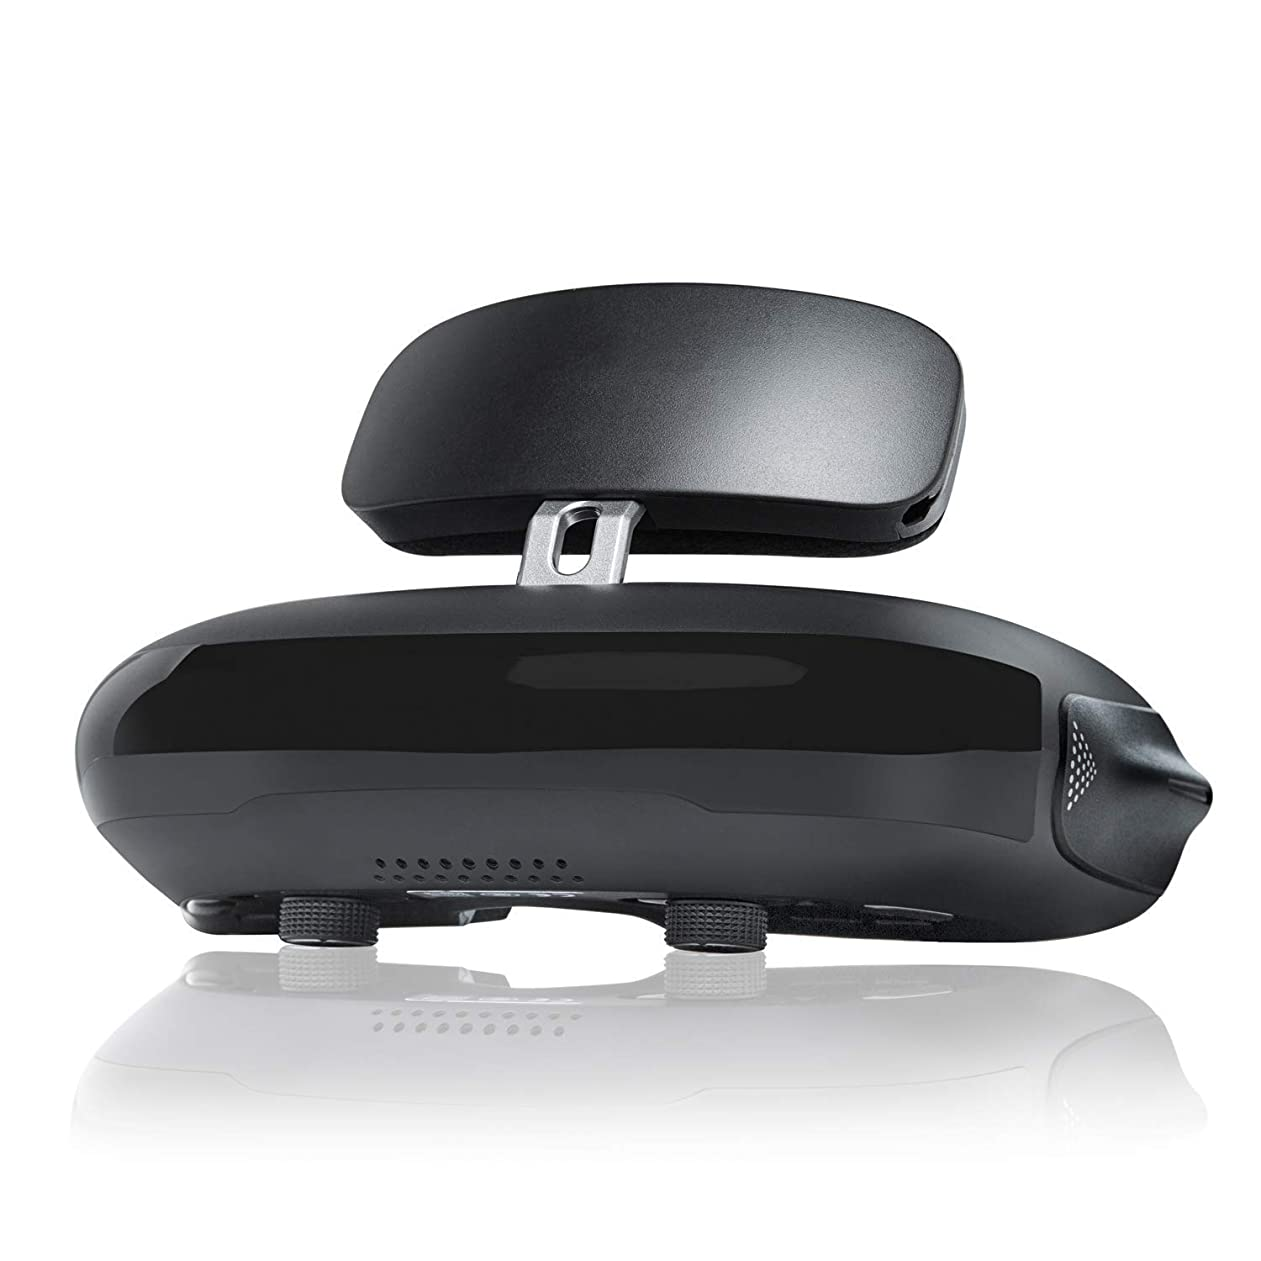 調停者滞在採用するVRヘッドセット3Dシアターゴーグル、3Dビューアのサポートブルーレイプレーヤー1920 x 1080 x 2 HDスクリーン4K、セットトップボックスDJIドローンPS4 Xbox PCニンテンドースマートフォンに対応